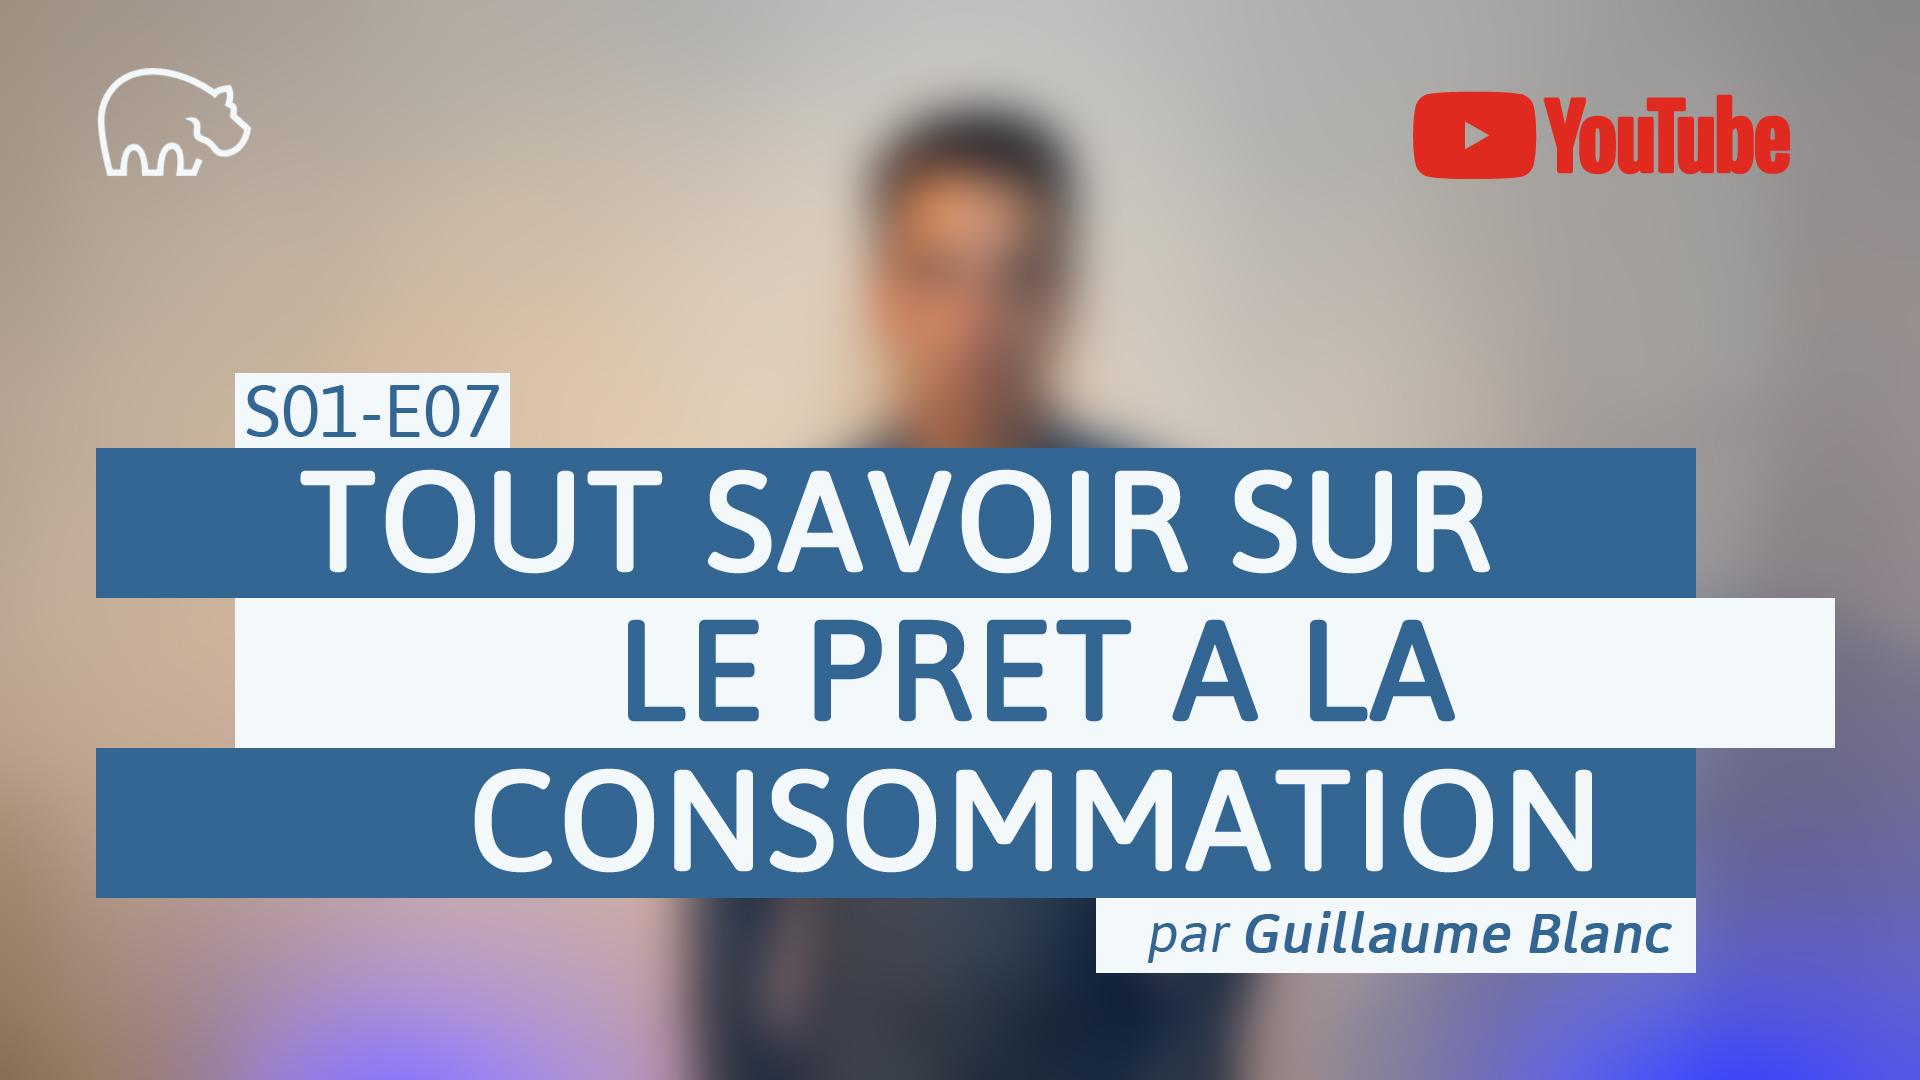 Bannière illustration - ImmoPotamTV - YouTube - Guillaume Blanc - S01-E07 - Tout savoir sur le prêt à la consommation